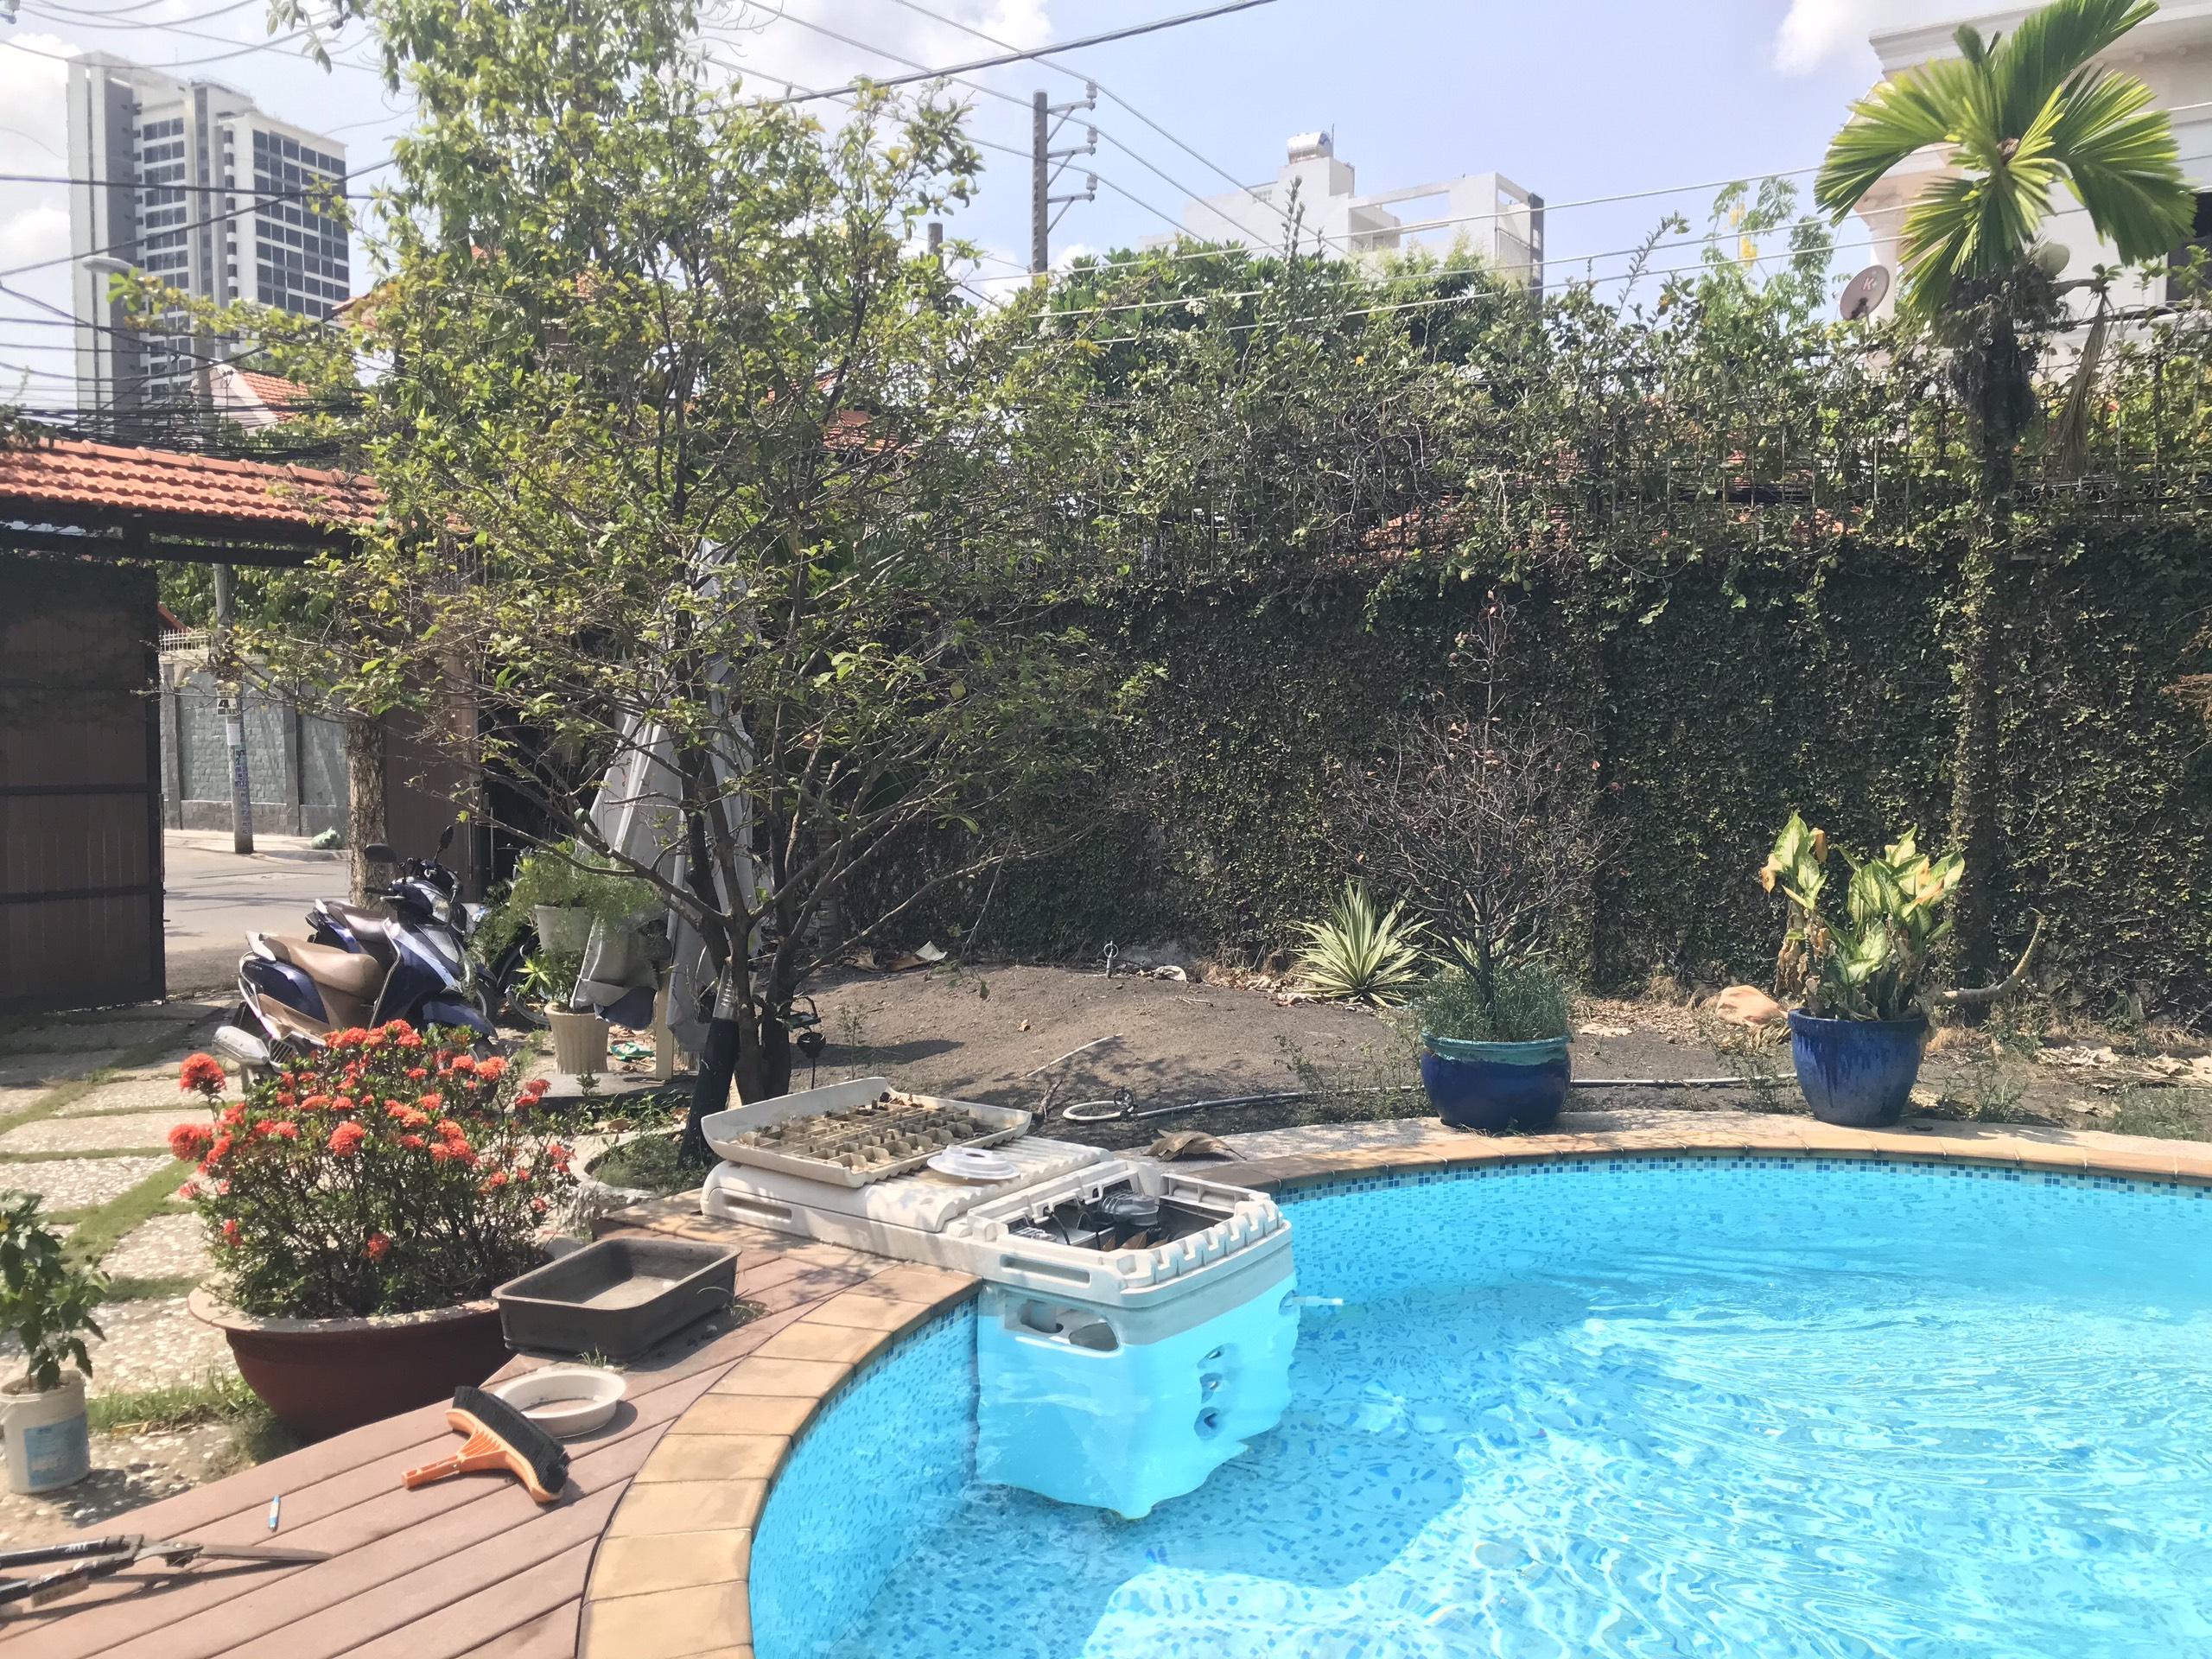 Biệt thự Thảo Điền Quận 2 có hồ bơi hai mặt tiền đường